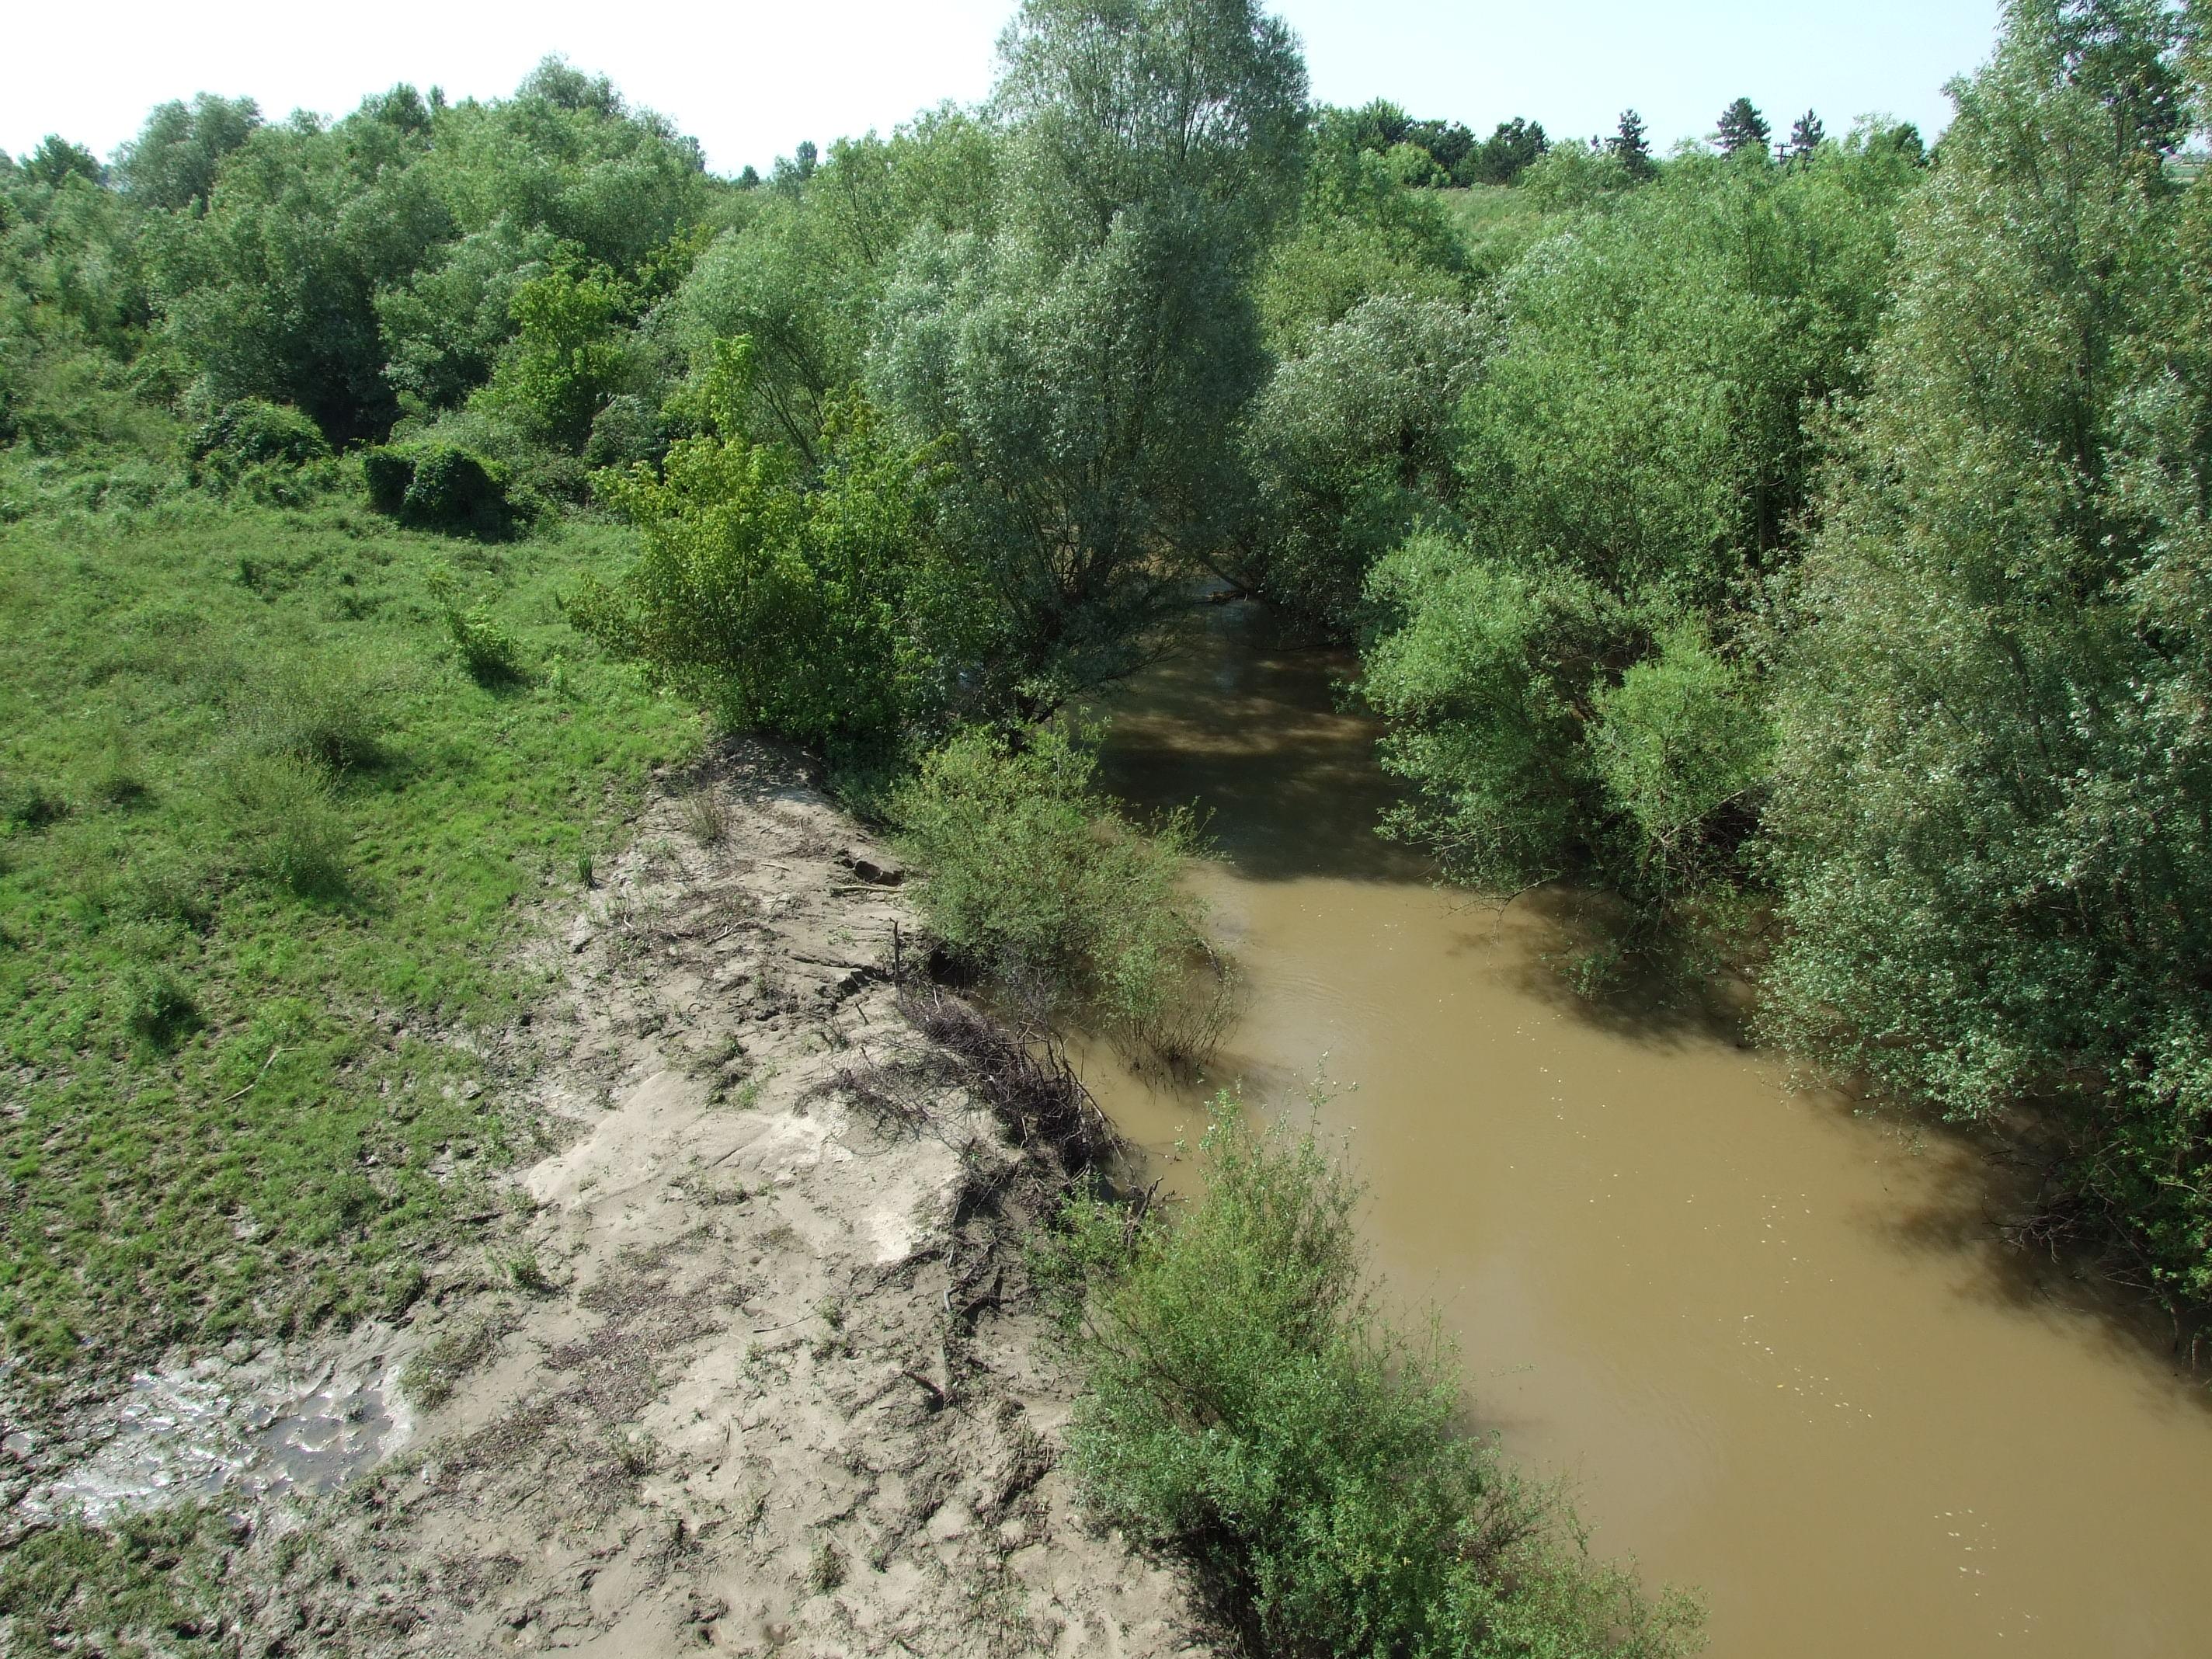 Minnél beljebb mentem Romániában annál inkább kezdett patak jellege lenni a körösnek.